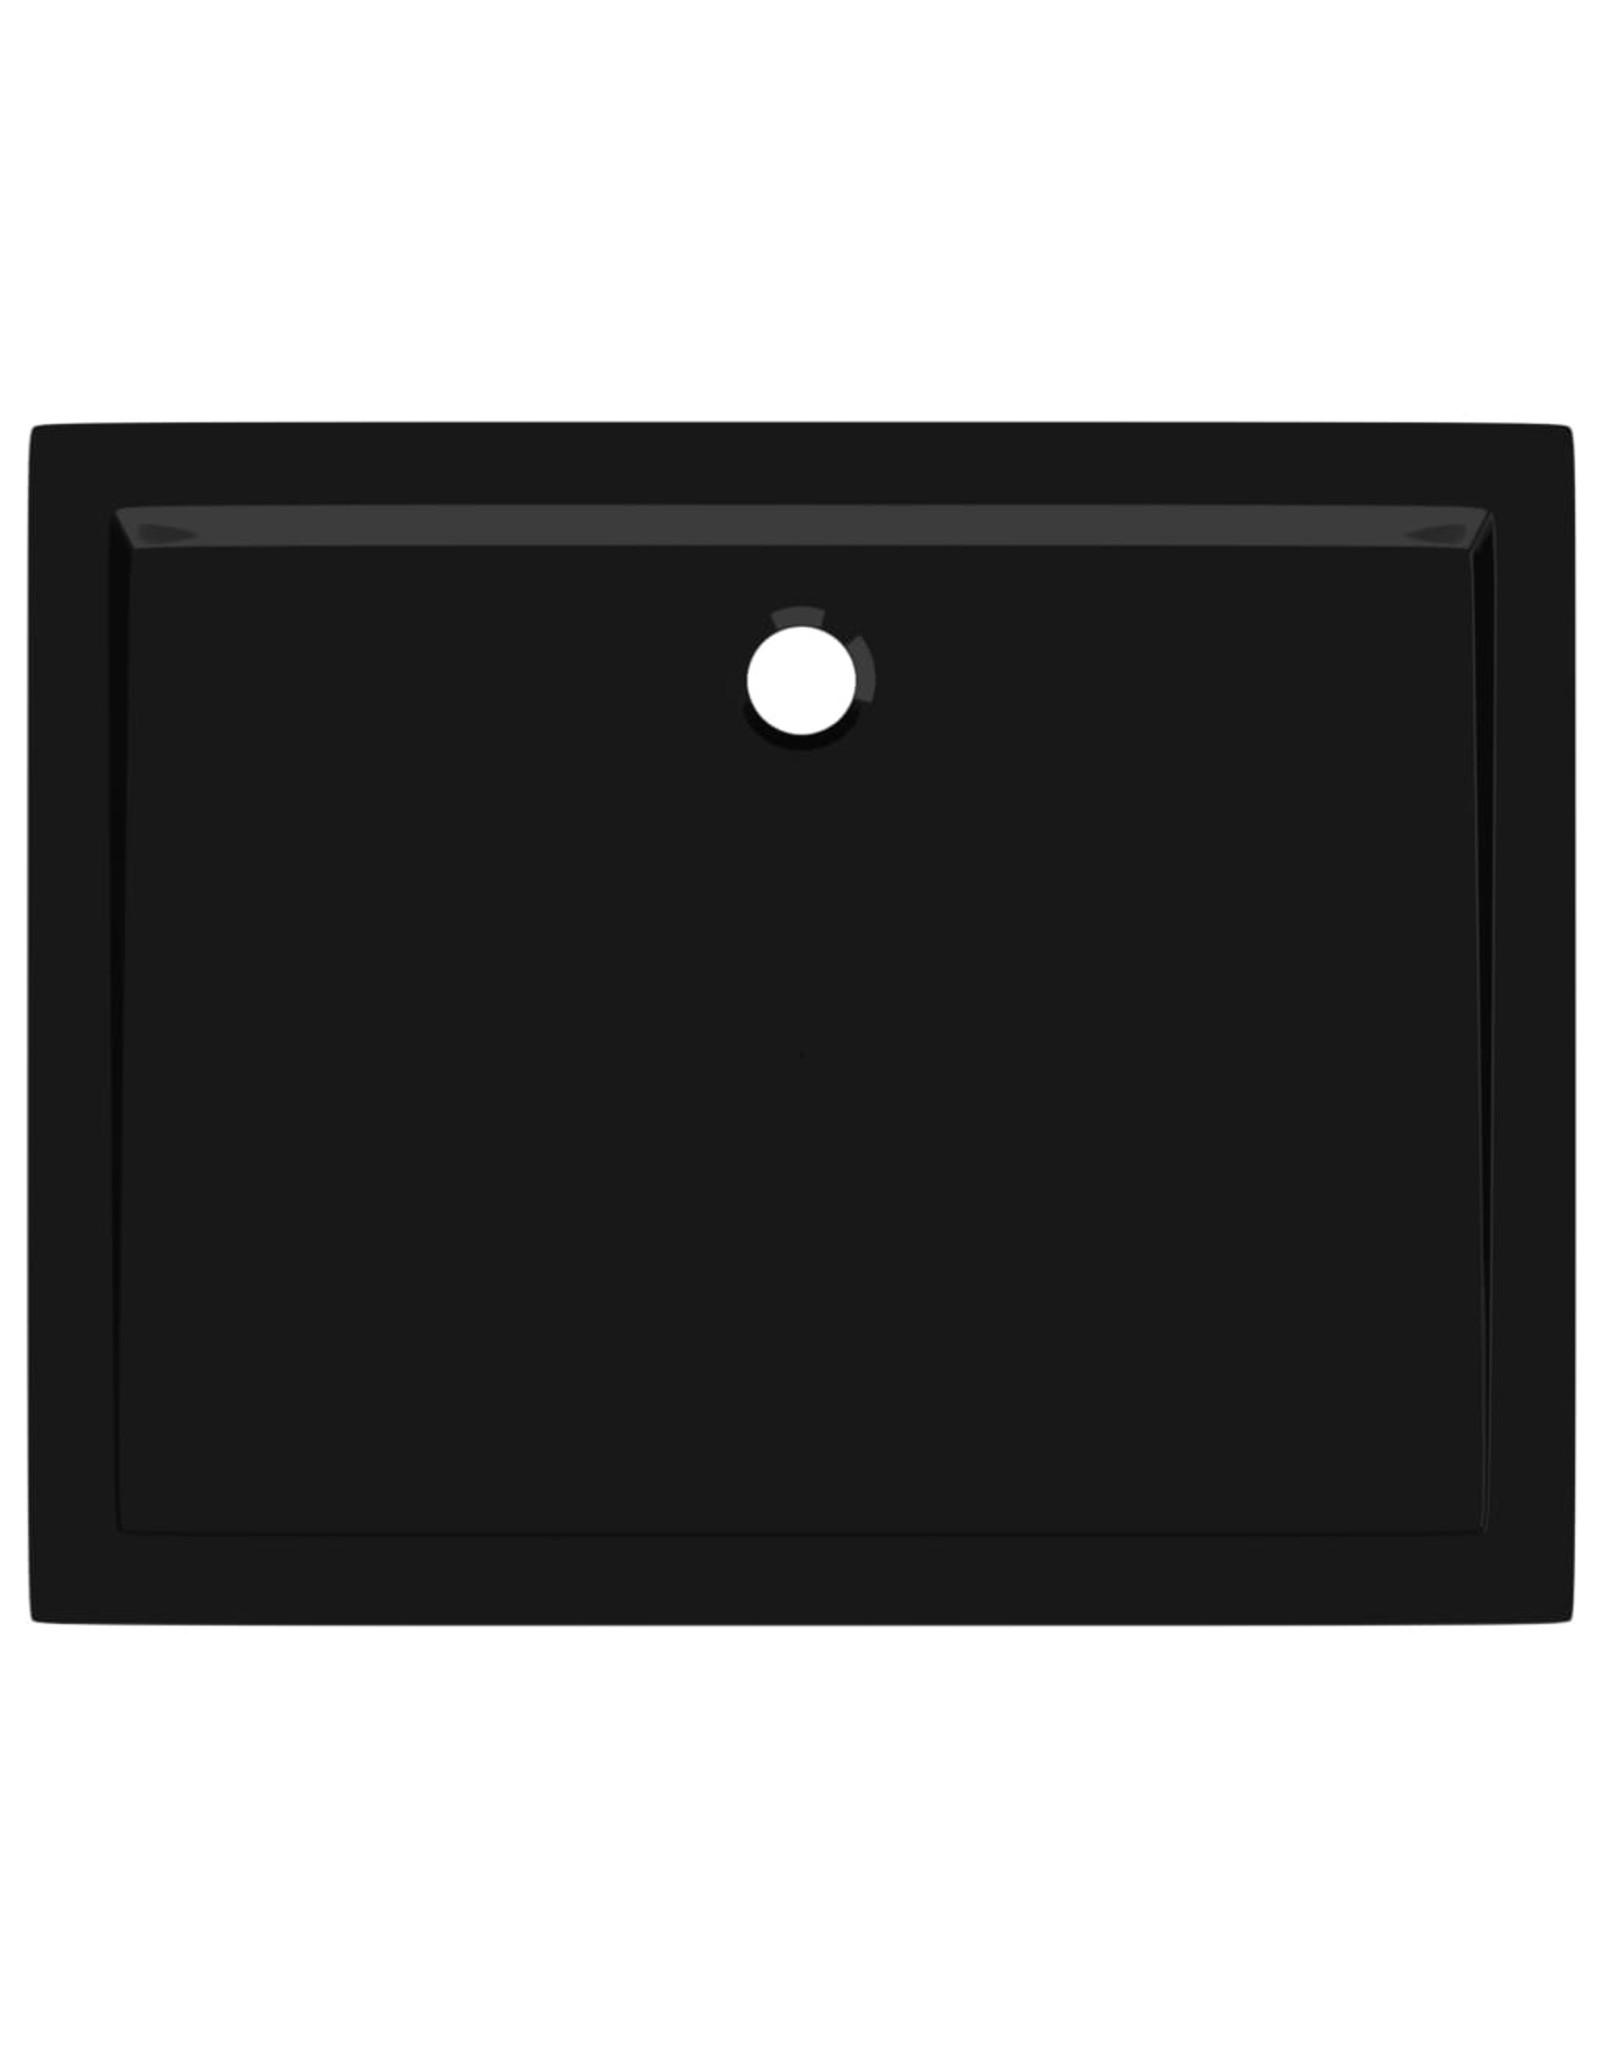 Douchebak rechthoekig 70x90 cm ABS zwart